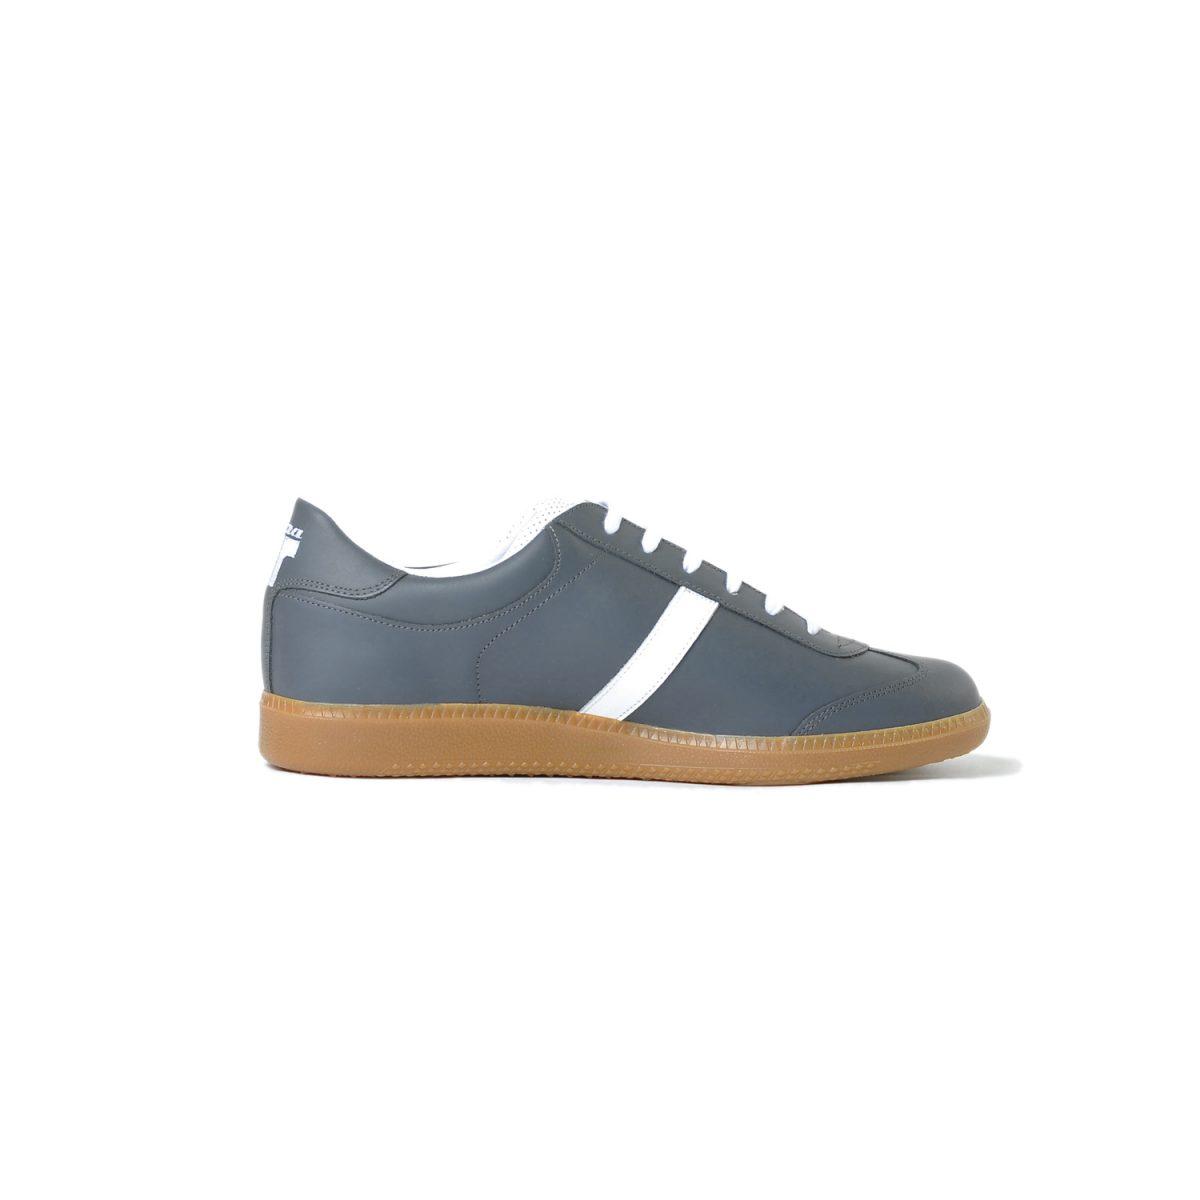 Tisza cipő - Compakt - Szürke-fehér